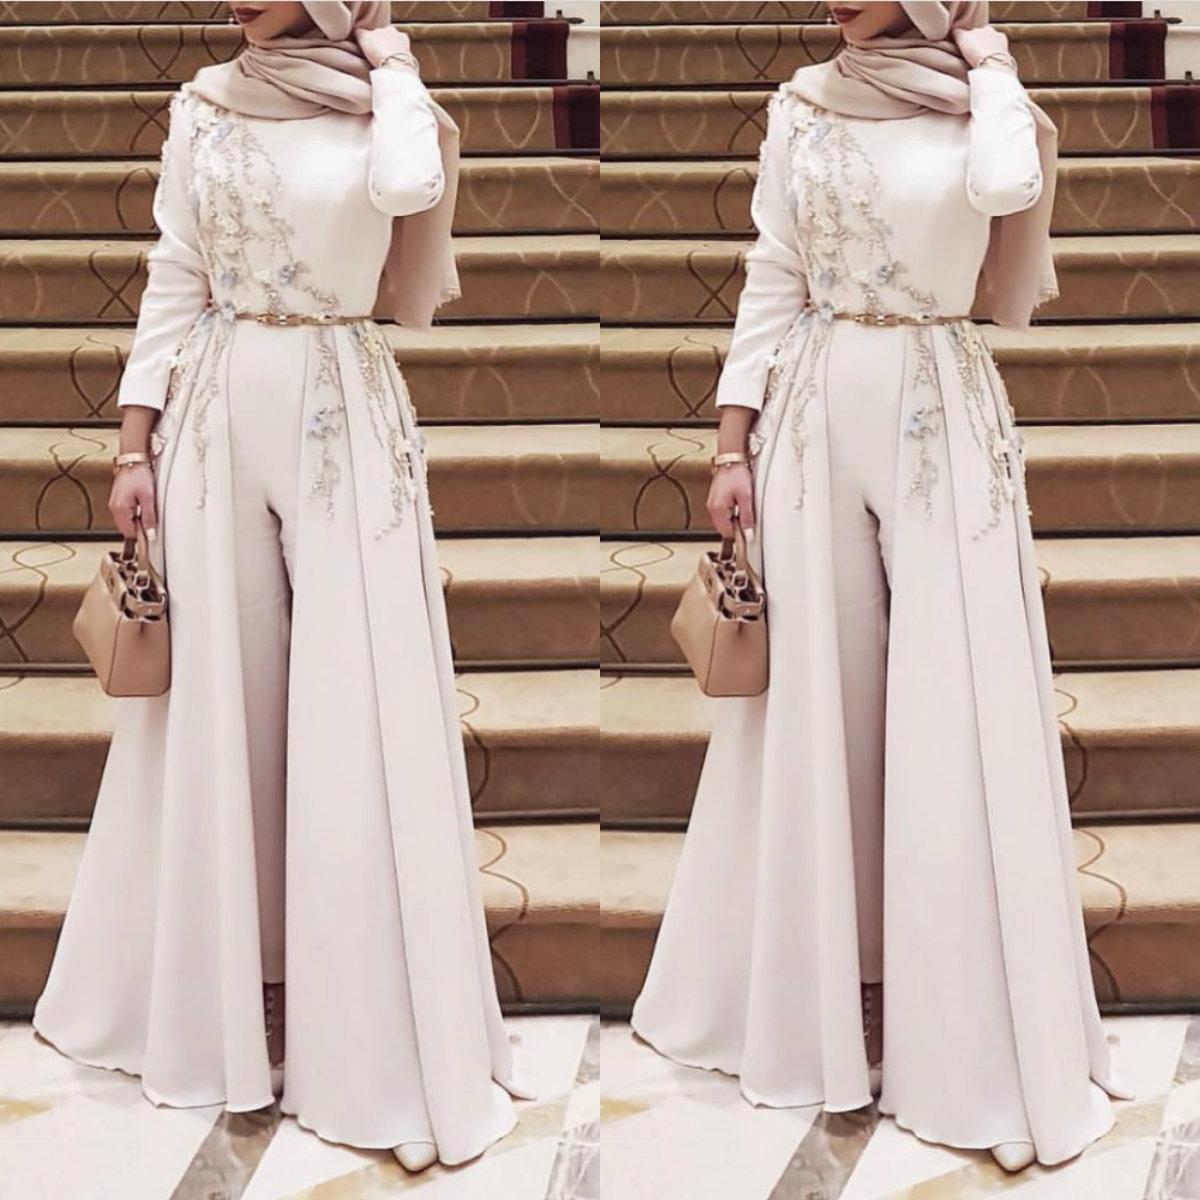 Langarm-muslimische Ballkleider mit Overskirt 10 Appliqued Robe Soiree  Islamischen dubai Hijab Abendkleider Pantsuit formales Kleid